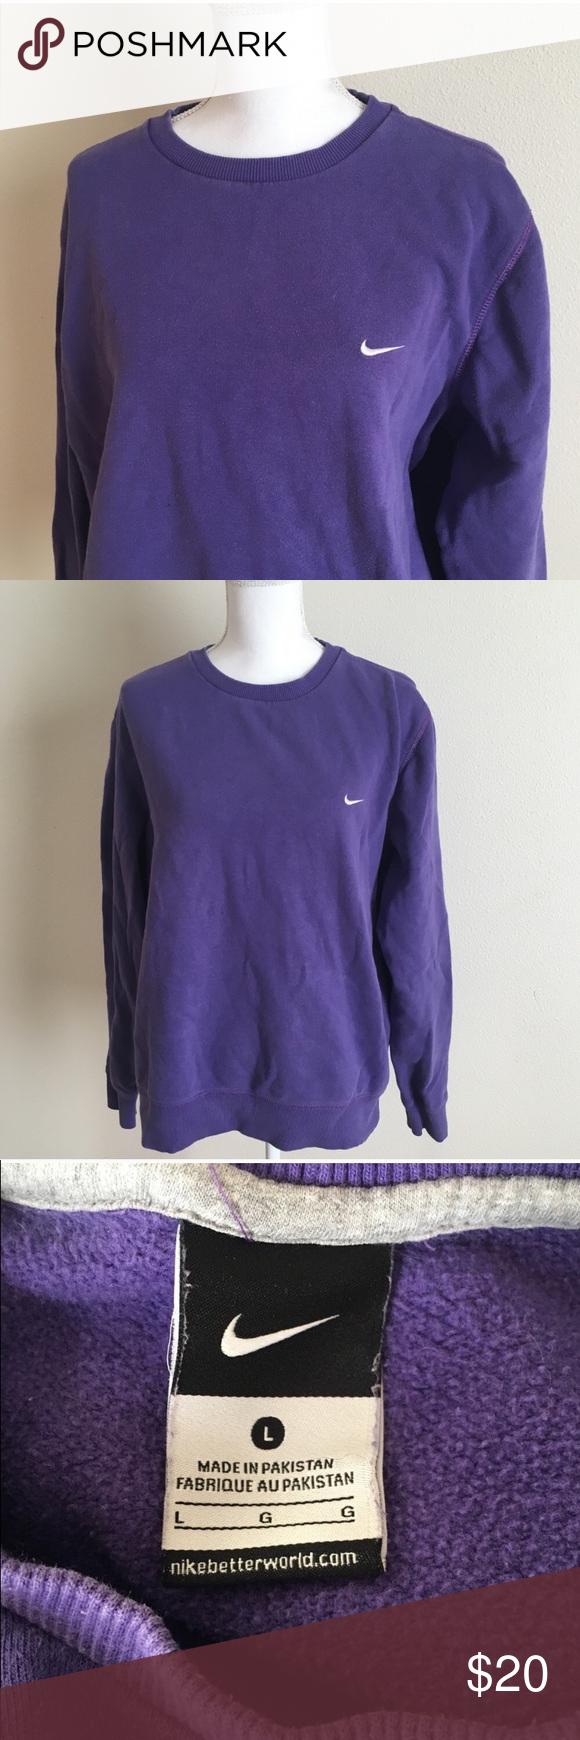 Nike Sweatshirt Nike Sweatshirts Sweatshirts Nike Crewneck Sweatshirt [ 1740 x 580 Pixel ]